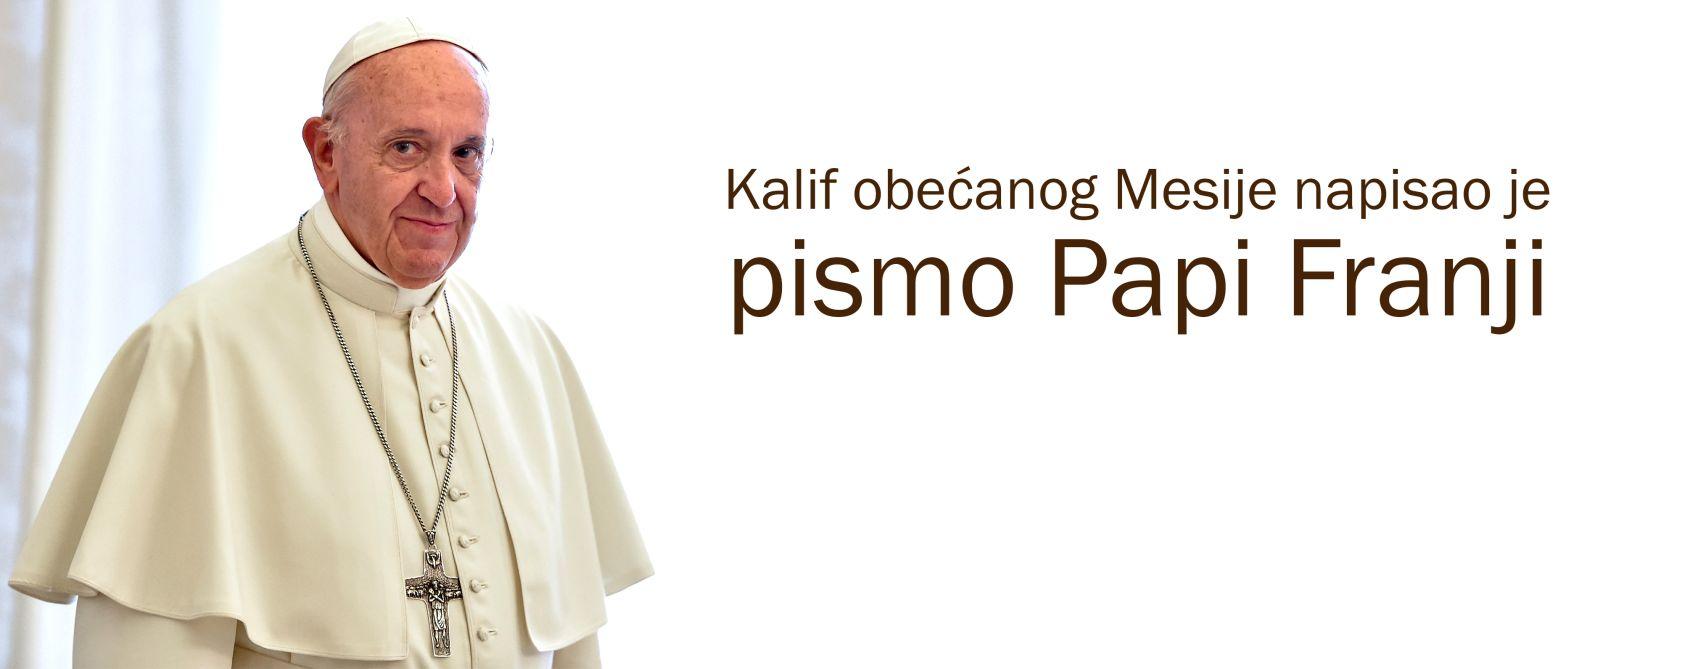 Pismo Njegovoj Svetosti Papi Franji - Papa Franje